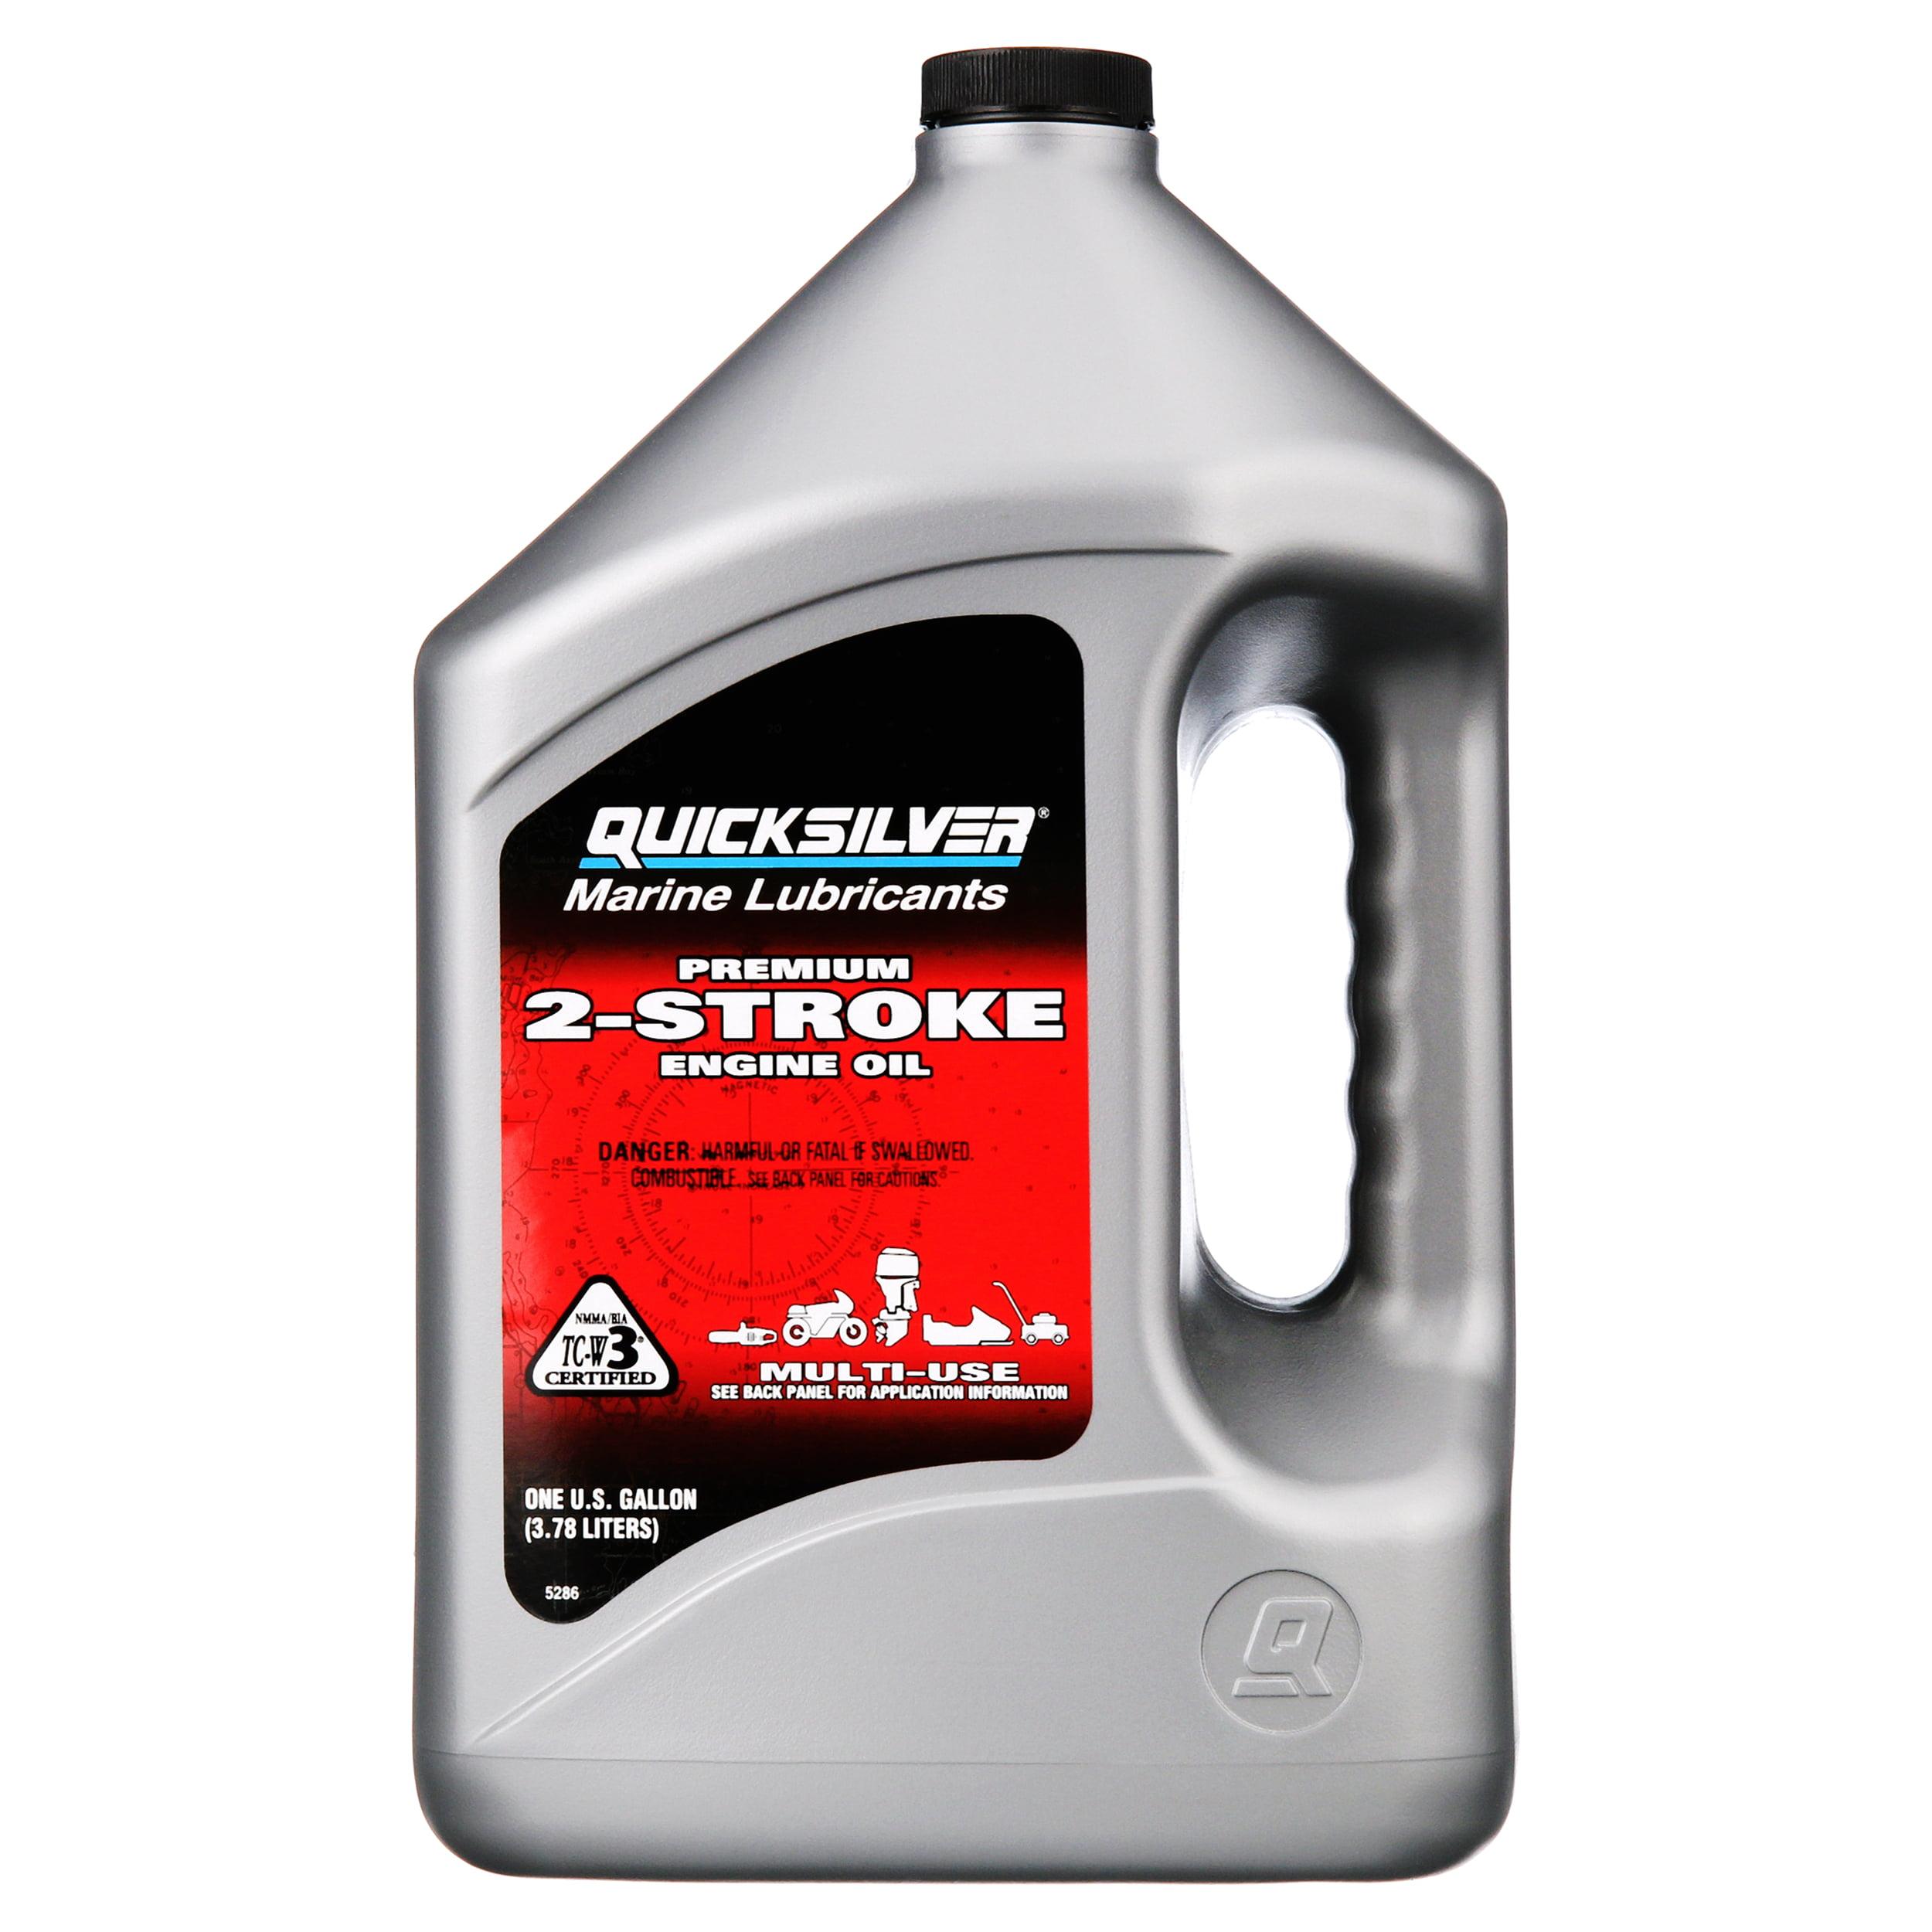 Quicksilver Premium 2-Stroke Engine Oil – Outboards, PWCs